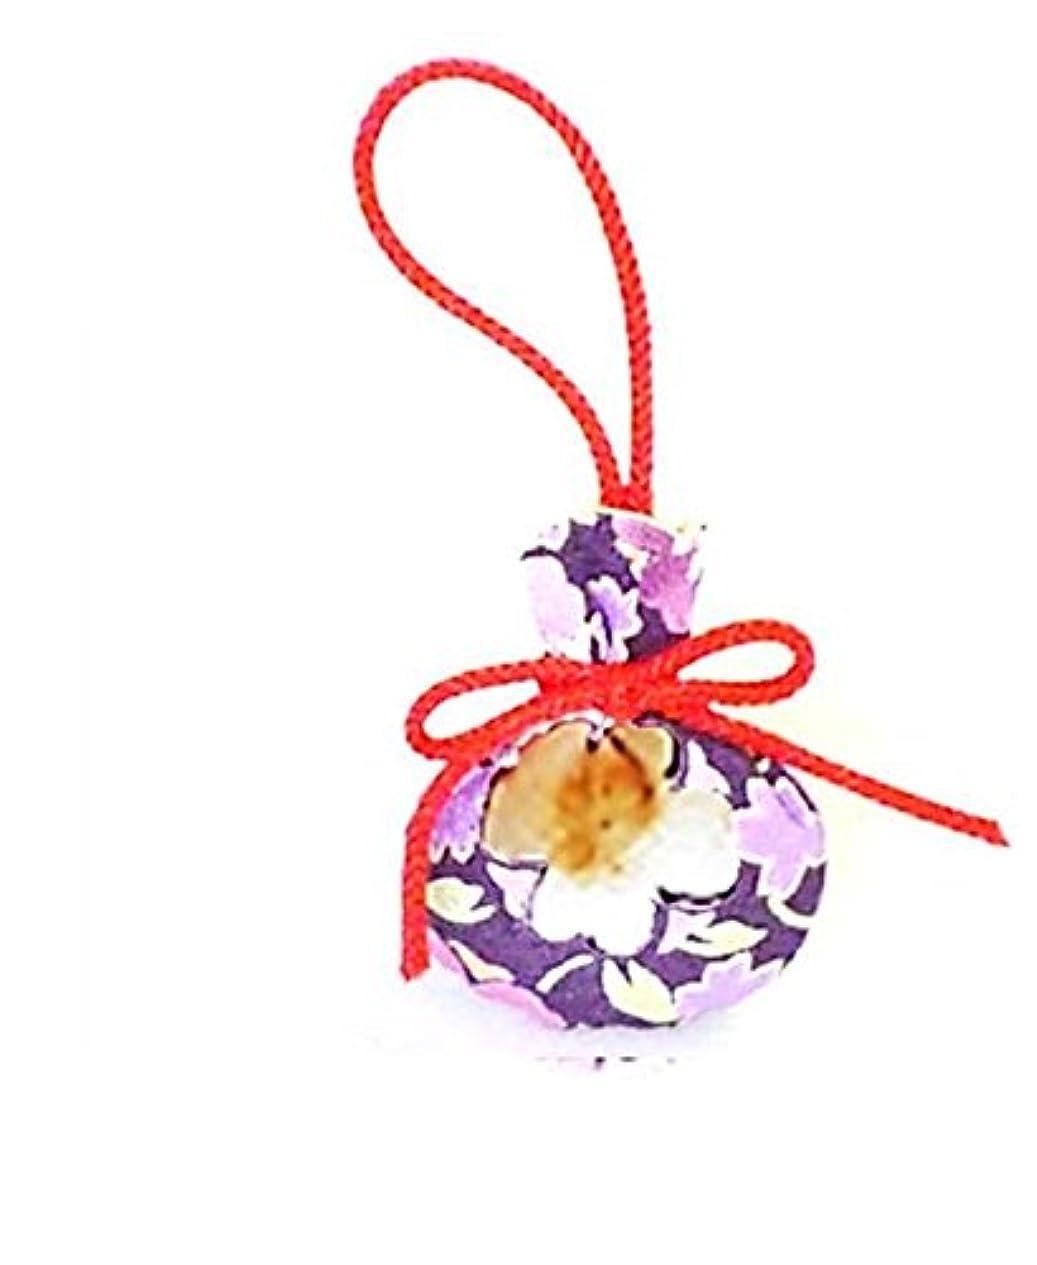 安いです平らなセットアップ宇治京扇堂 雅(みやび)な香り 京友禅 巾着匂い袋 (No.6)